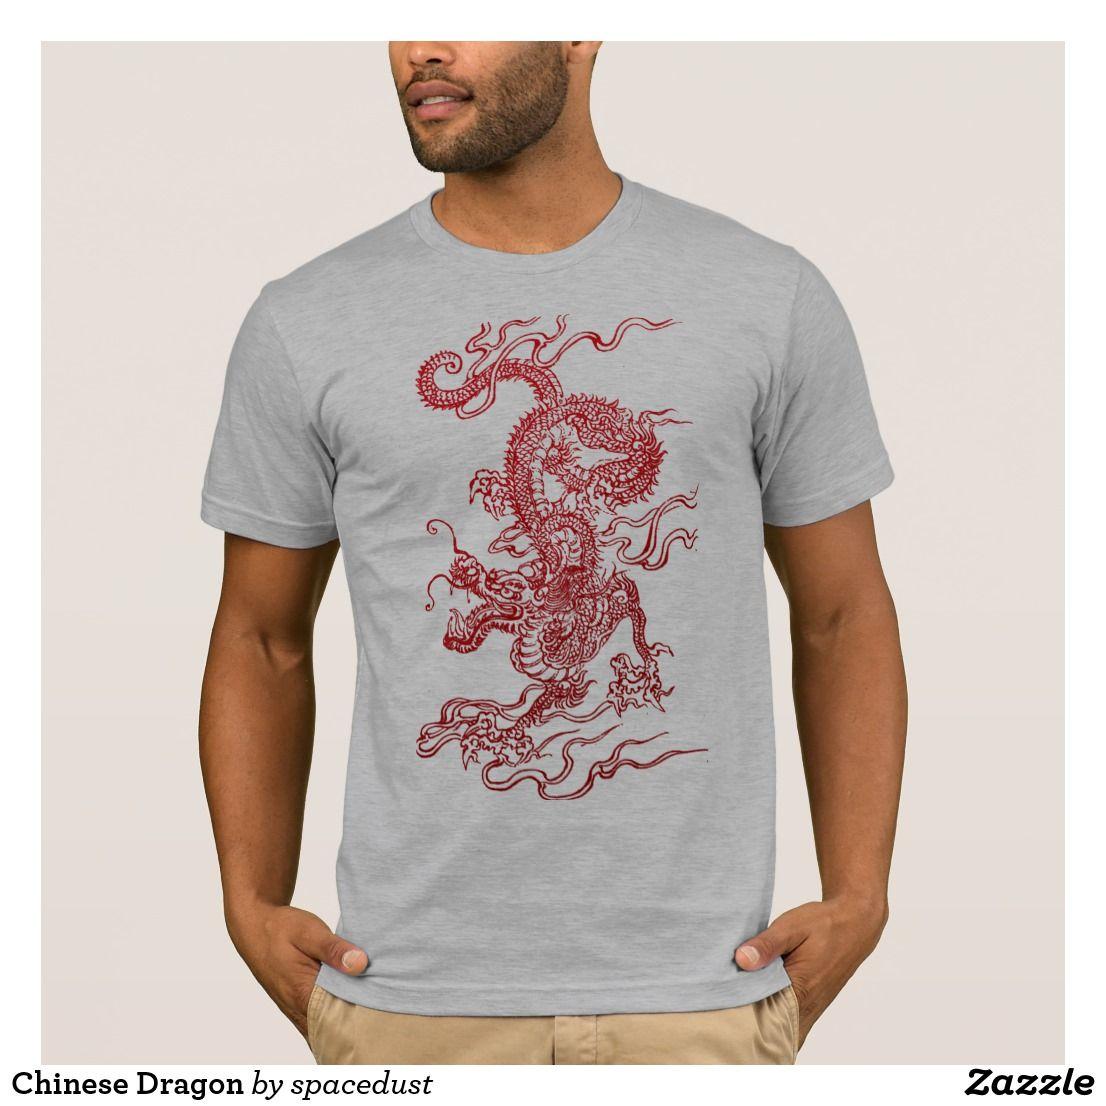 chinese 'hopping' vampire | Tumblr  |Chinese Dragon Vampire